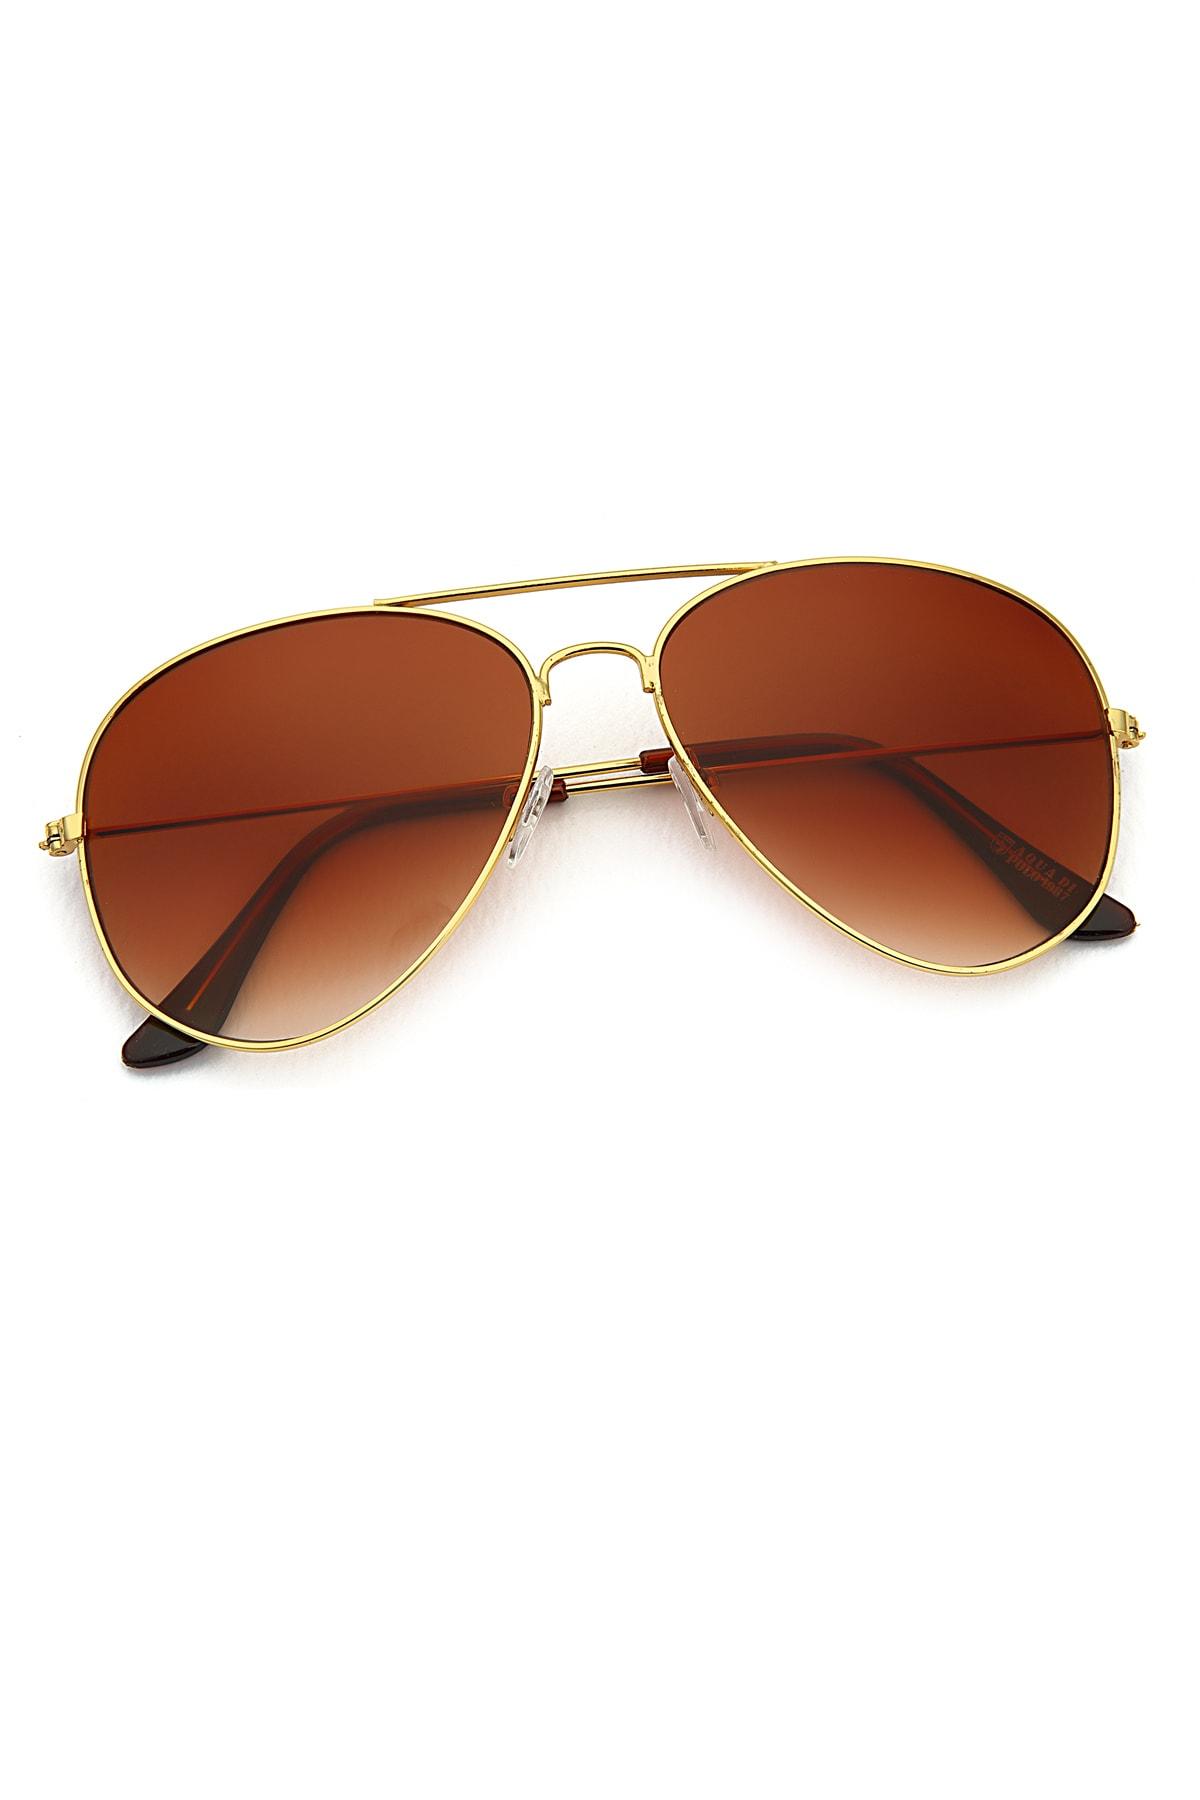 عینک آفتابی زنانه شیک جدید برند Aqua Di Polo 1987 رنگ مشکی کد ty35810002